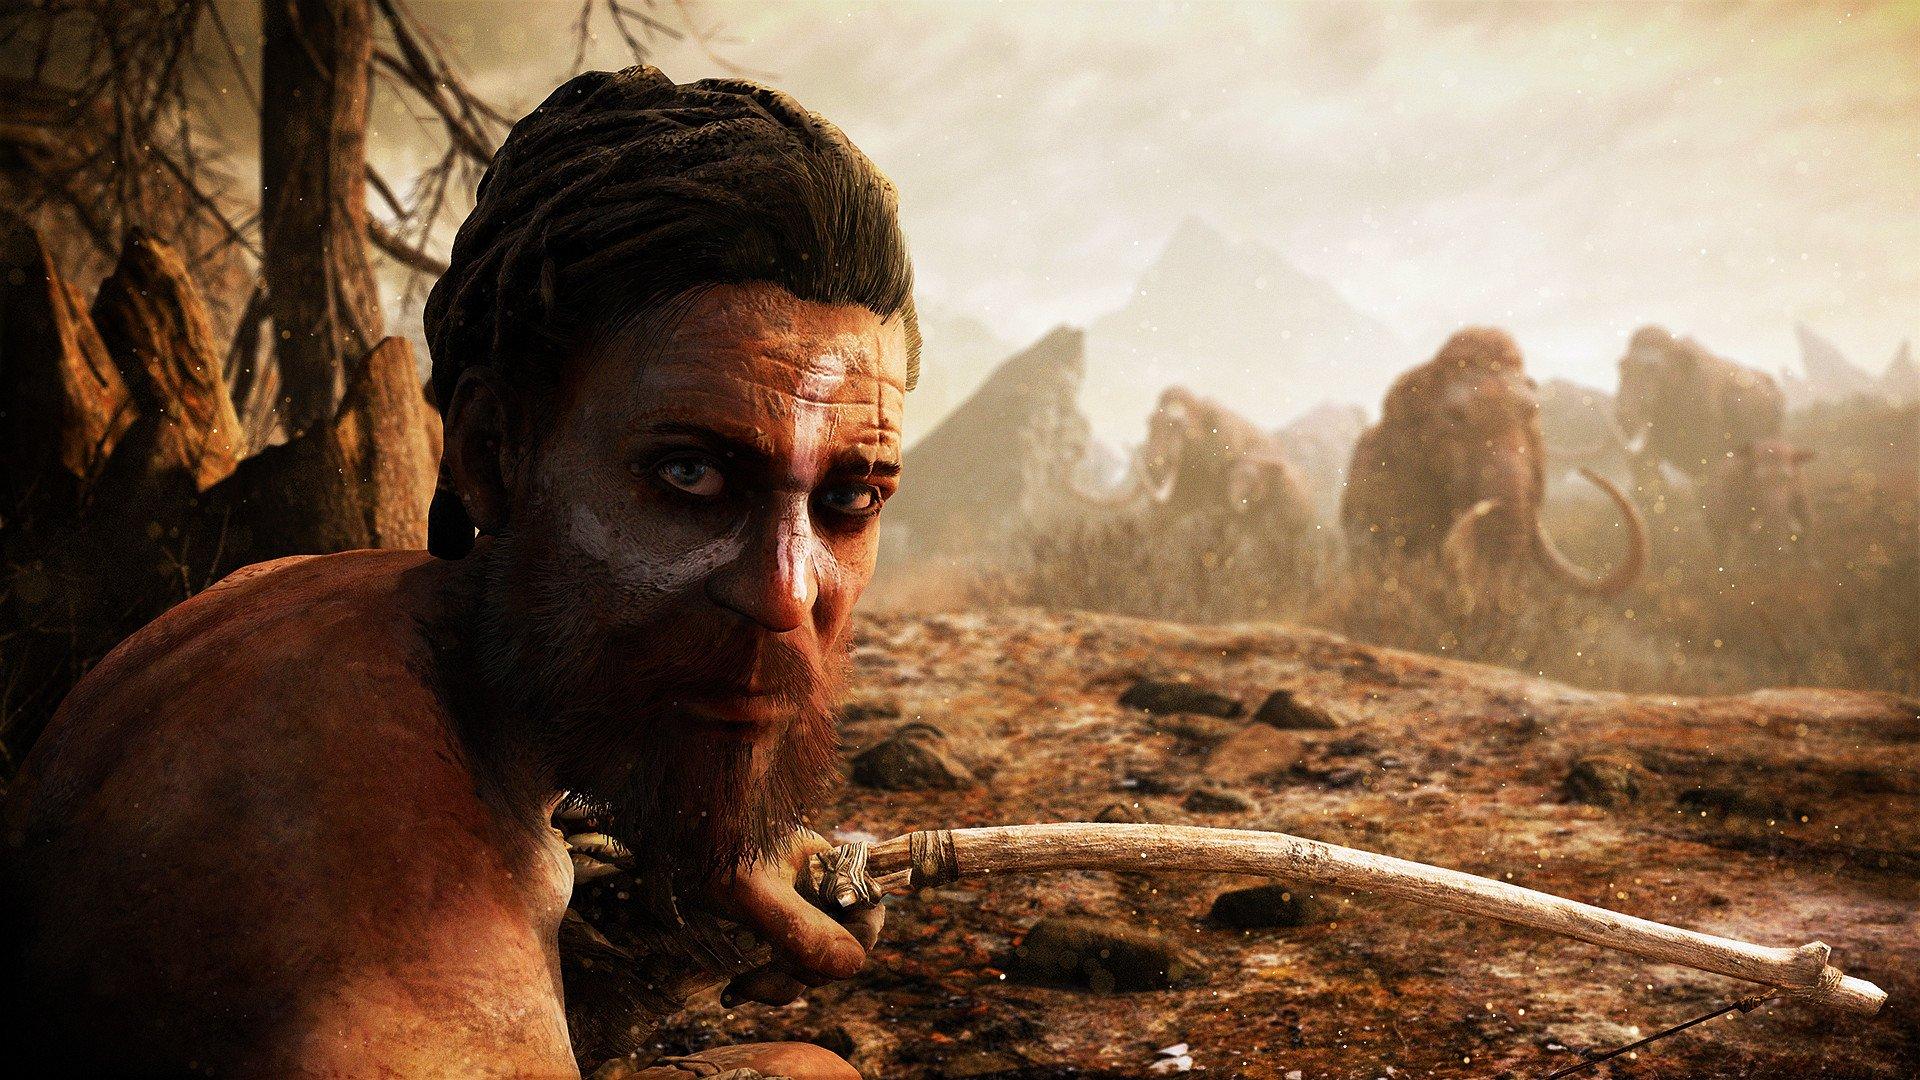 Ubisoft anticipa el anuncio de una aventura de supervivencia en un mundo prehistórico Far_cry_primal-3208368